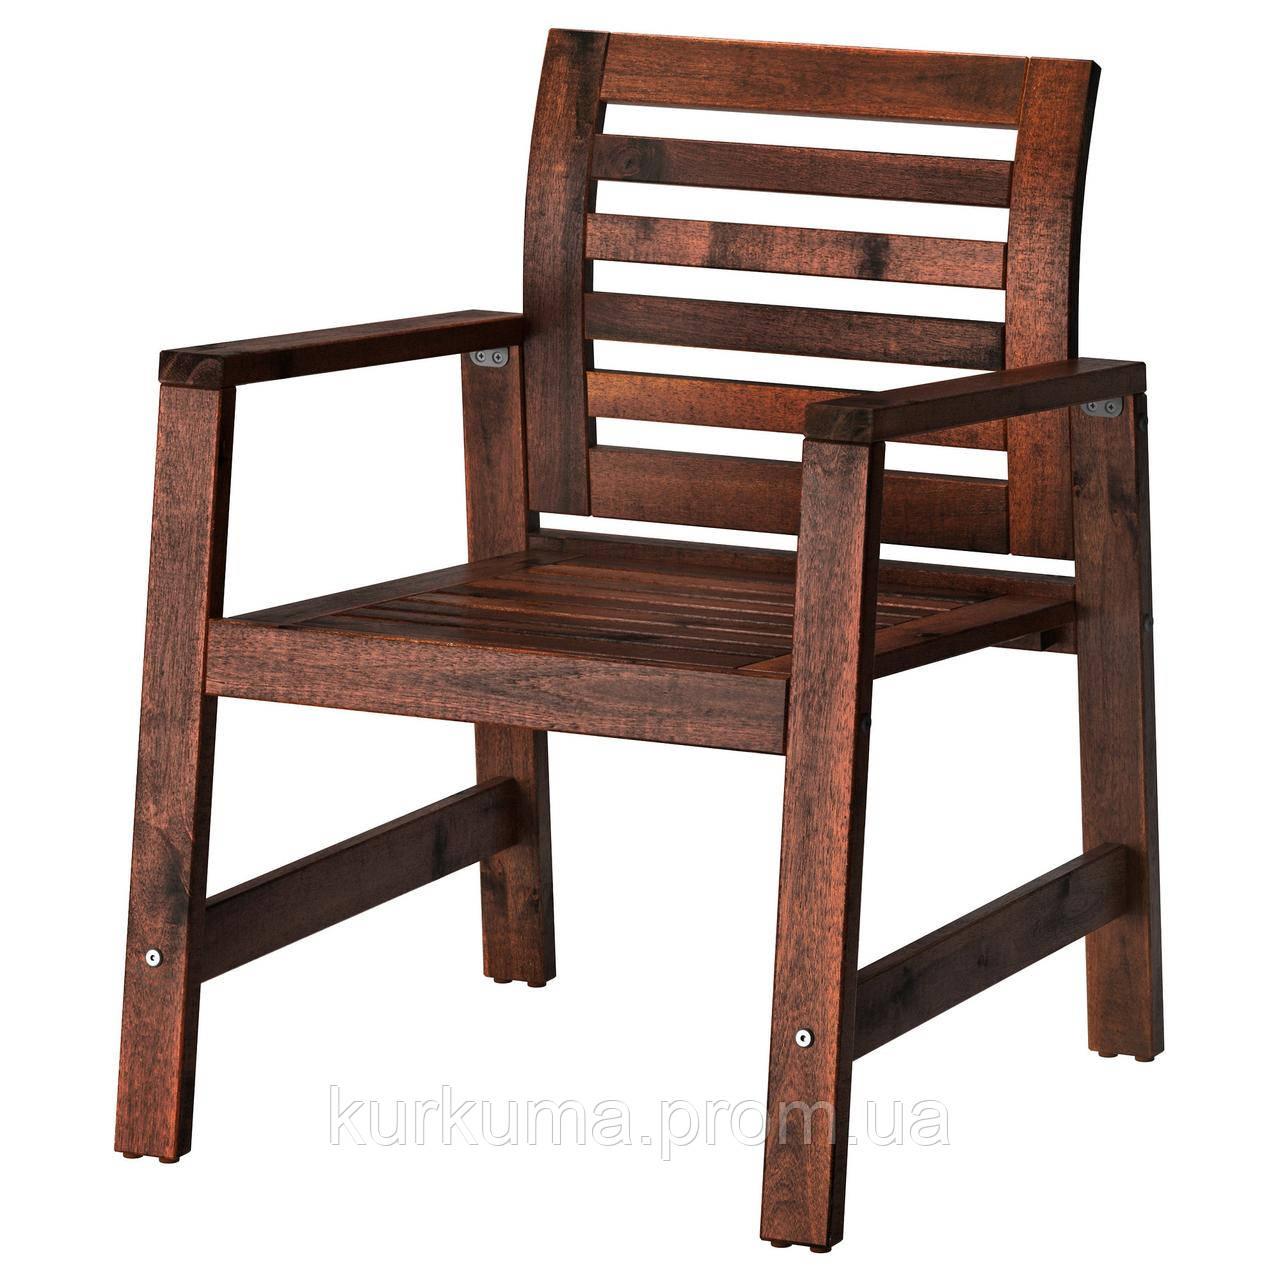 IKEA APPLARO Садовый стул с подлокотниками, коричневая морилка  (202.085.27)